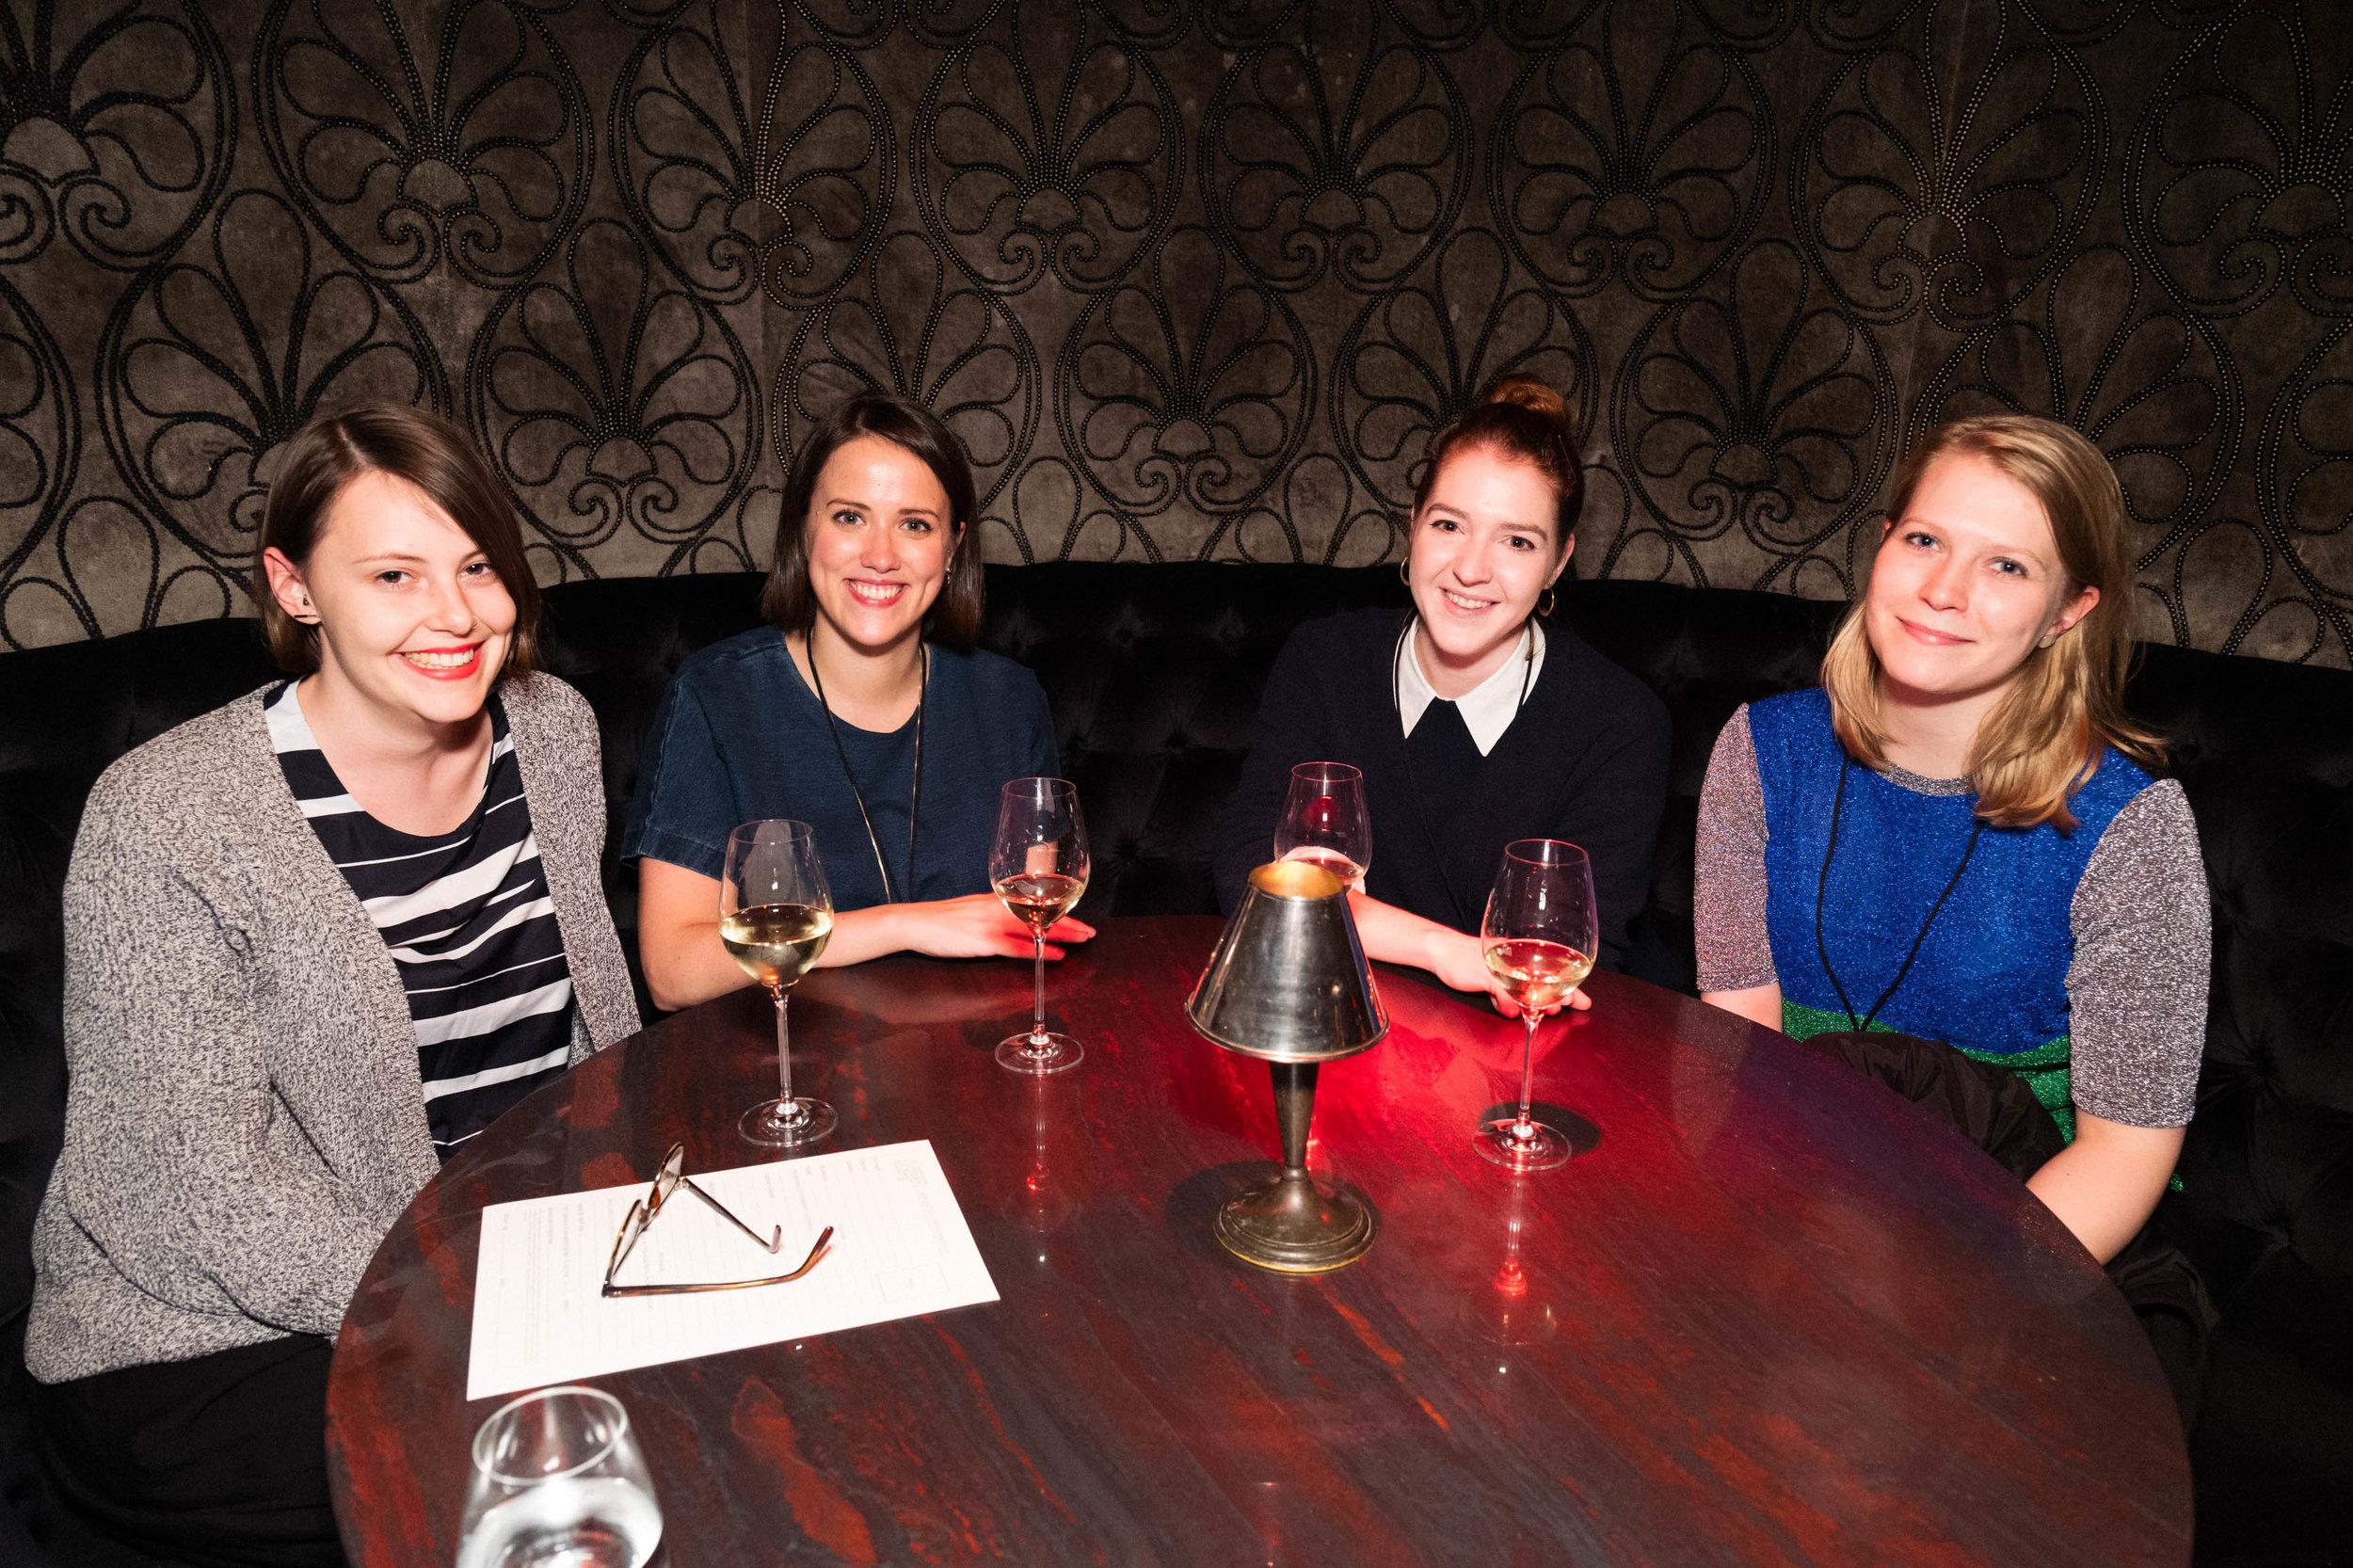 Leah Swain, Rosie O'Reilly, Niamh Morgan and Nerissa Taysom